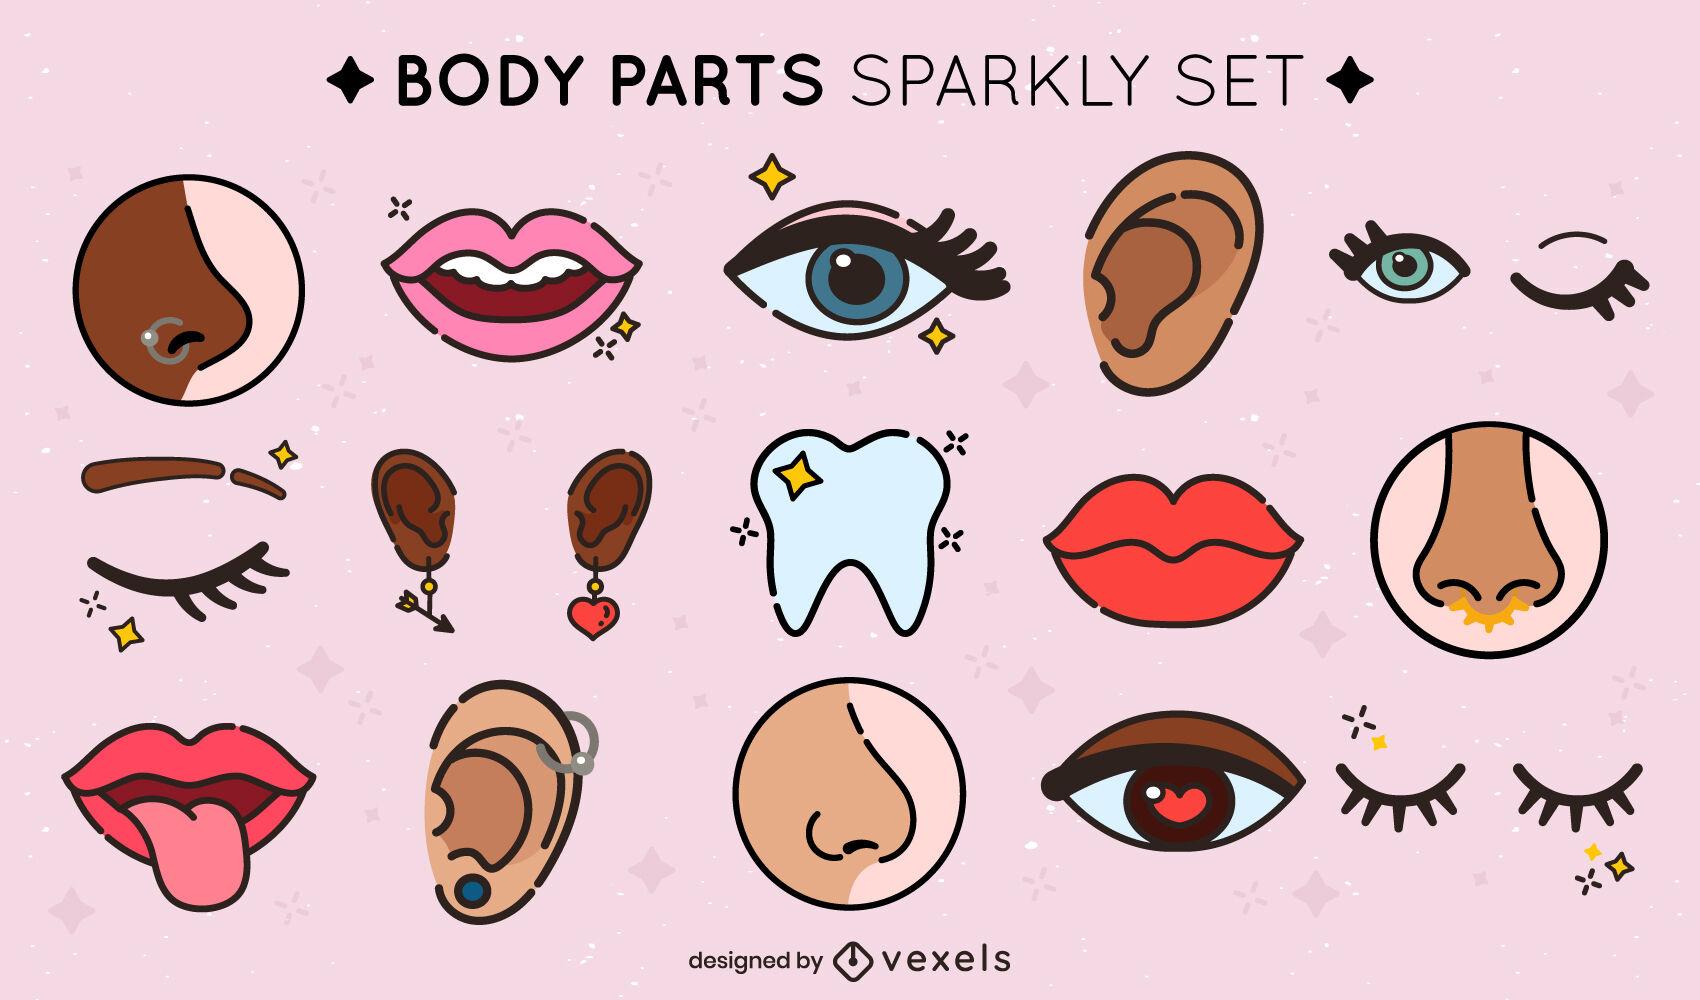 Conjunto de traços coloridos de peças de rosto brilhantes